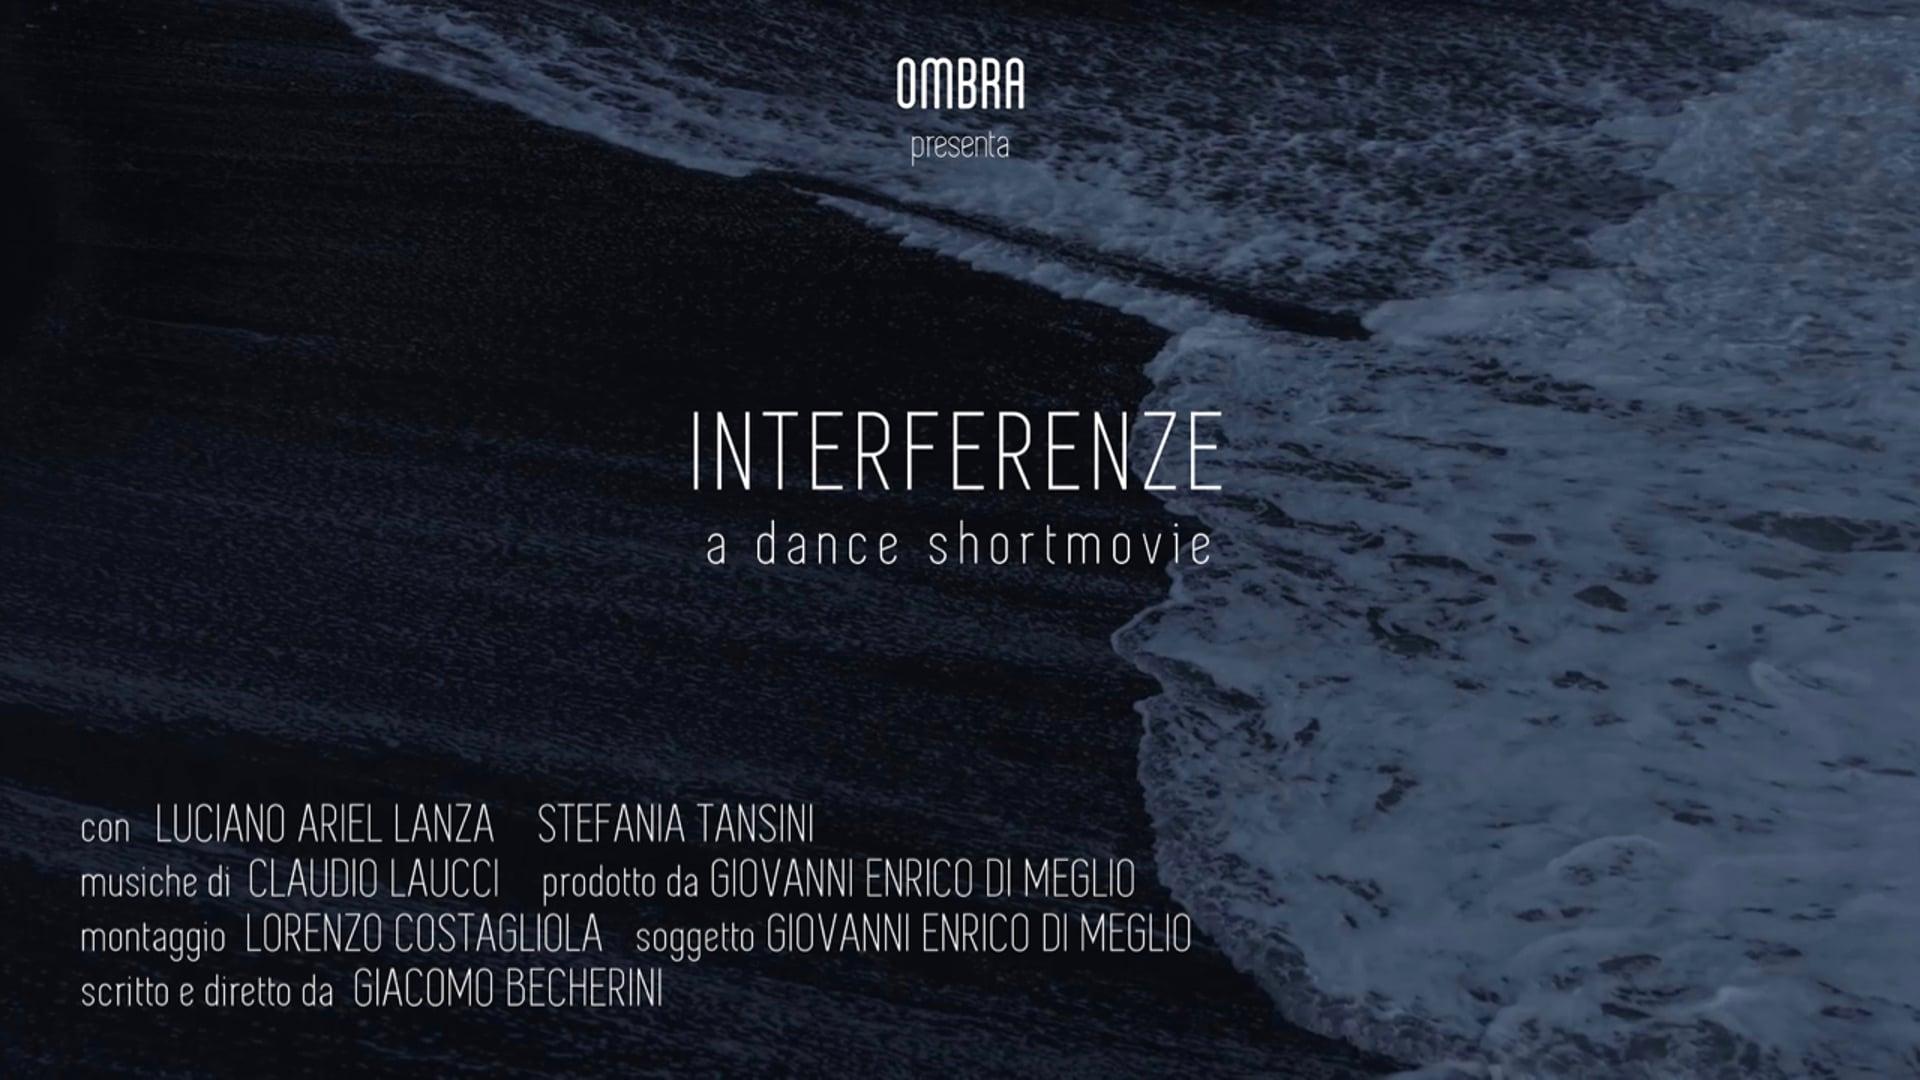 [TRAILER] INTERFERENZE short movie